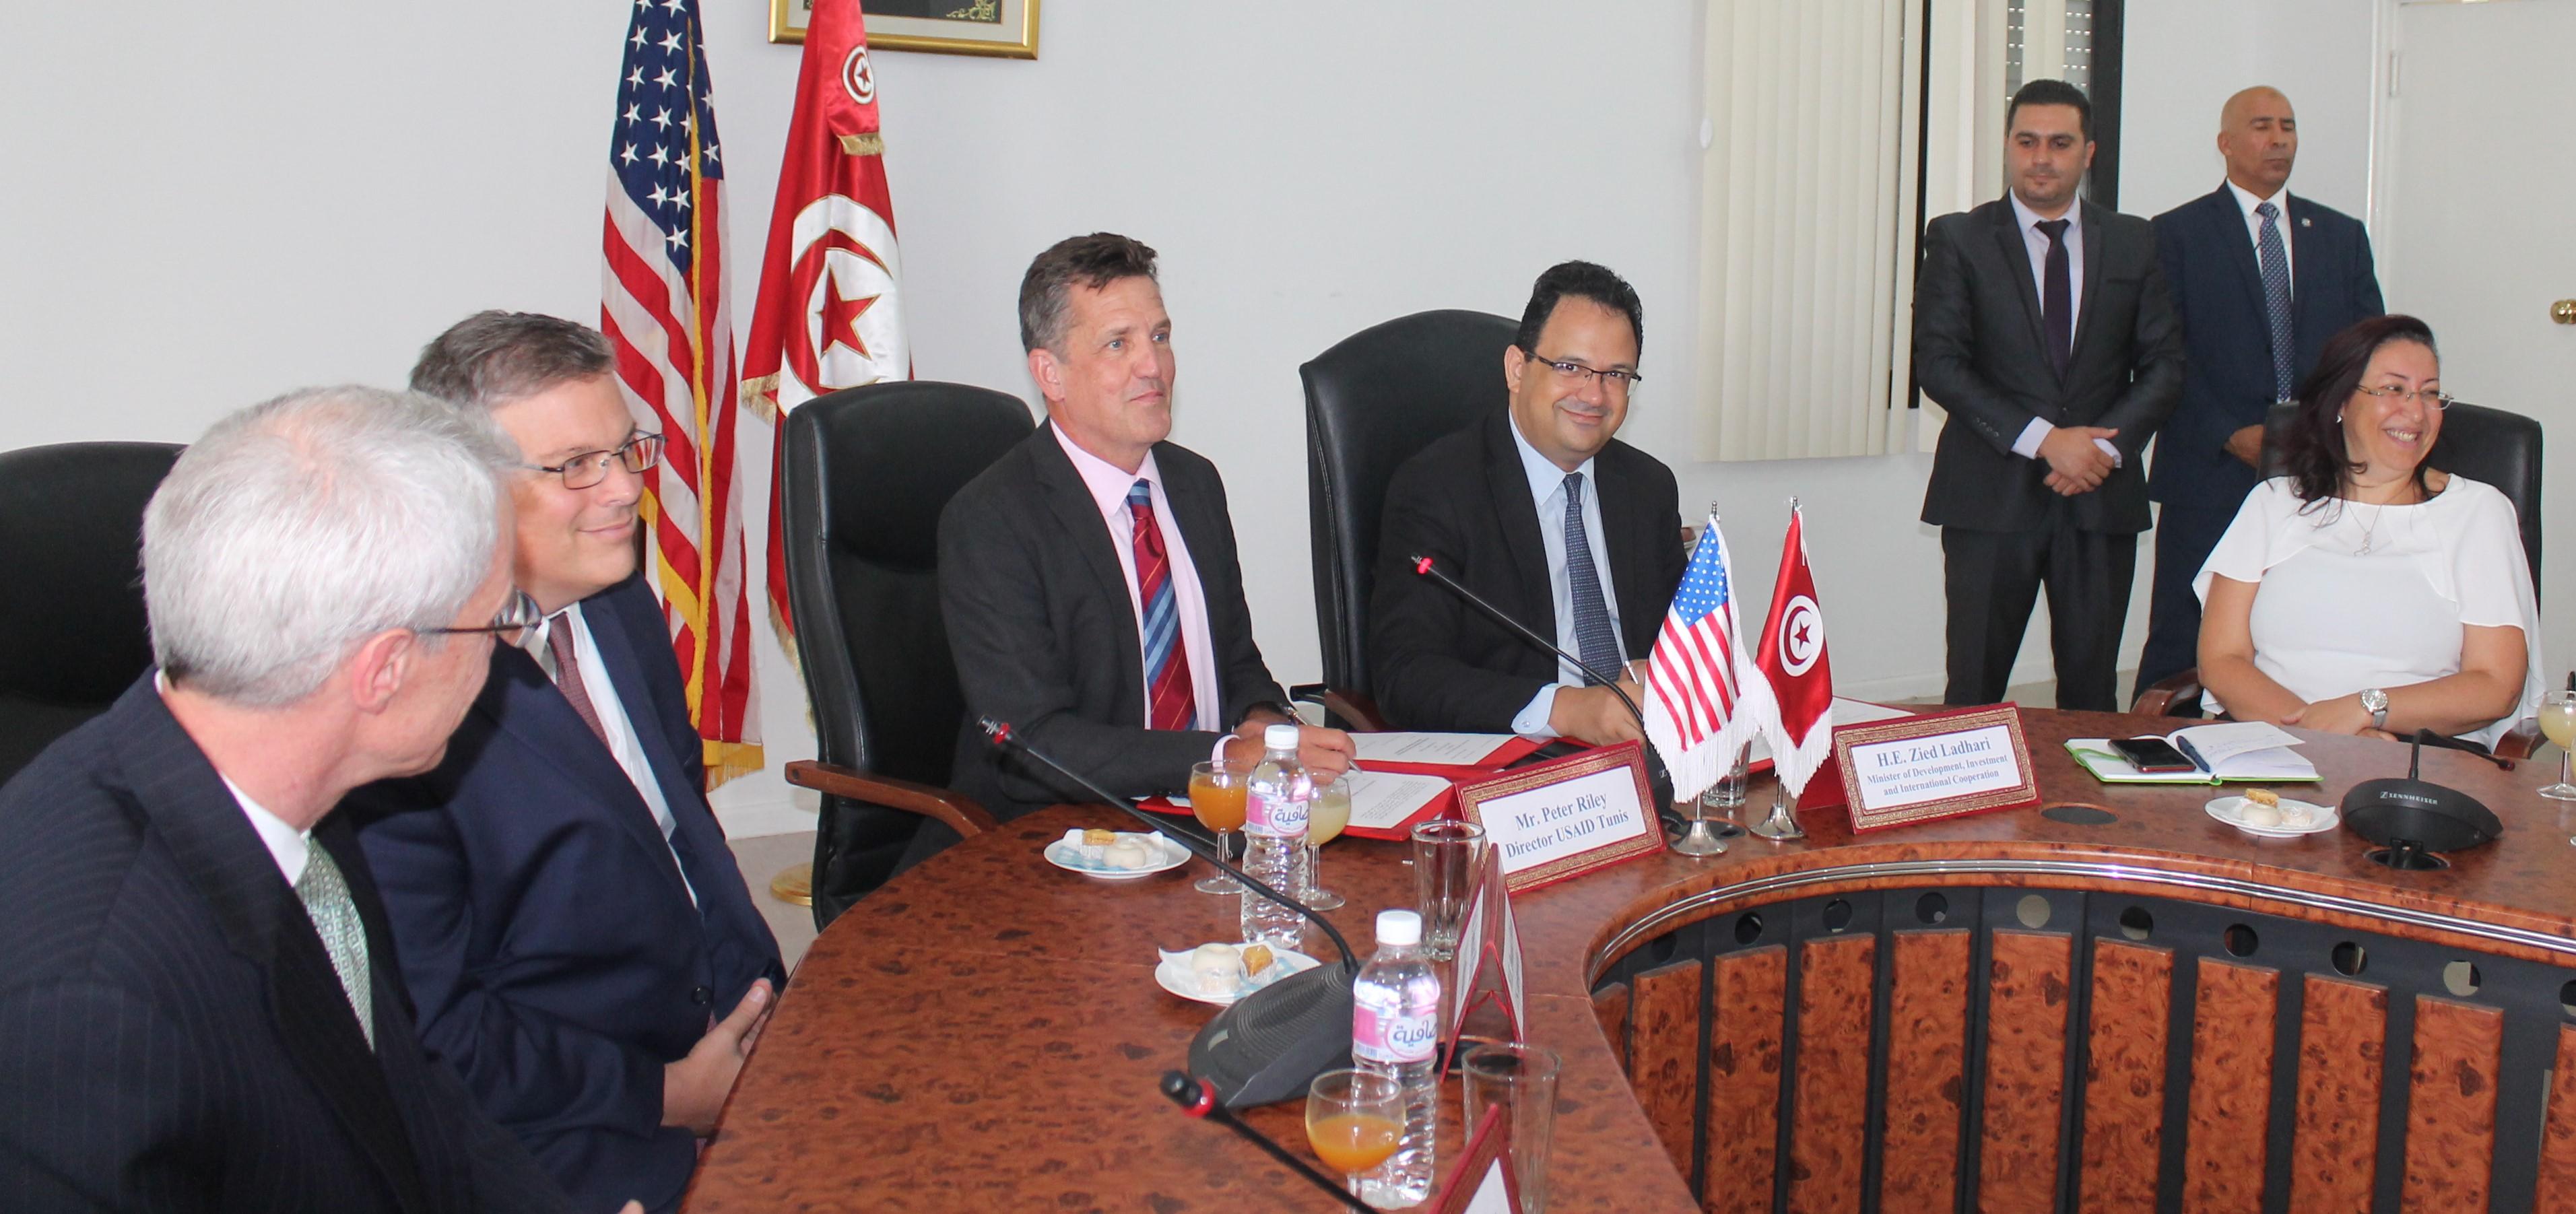 1000 مليون دينار هبة من الولايات المتحدة الأمريكية لدعم المبادرة الخاصة ومسار الانتقال الديمقراطي في تونس: